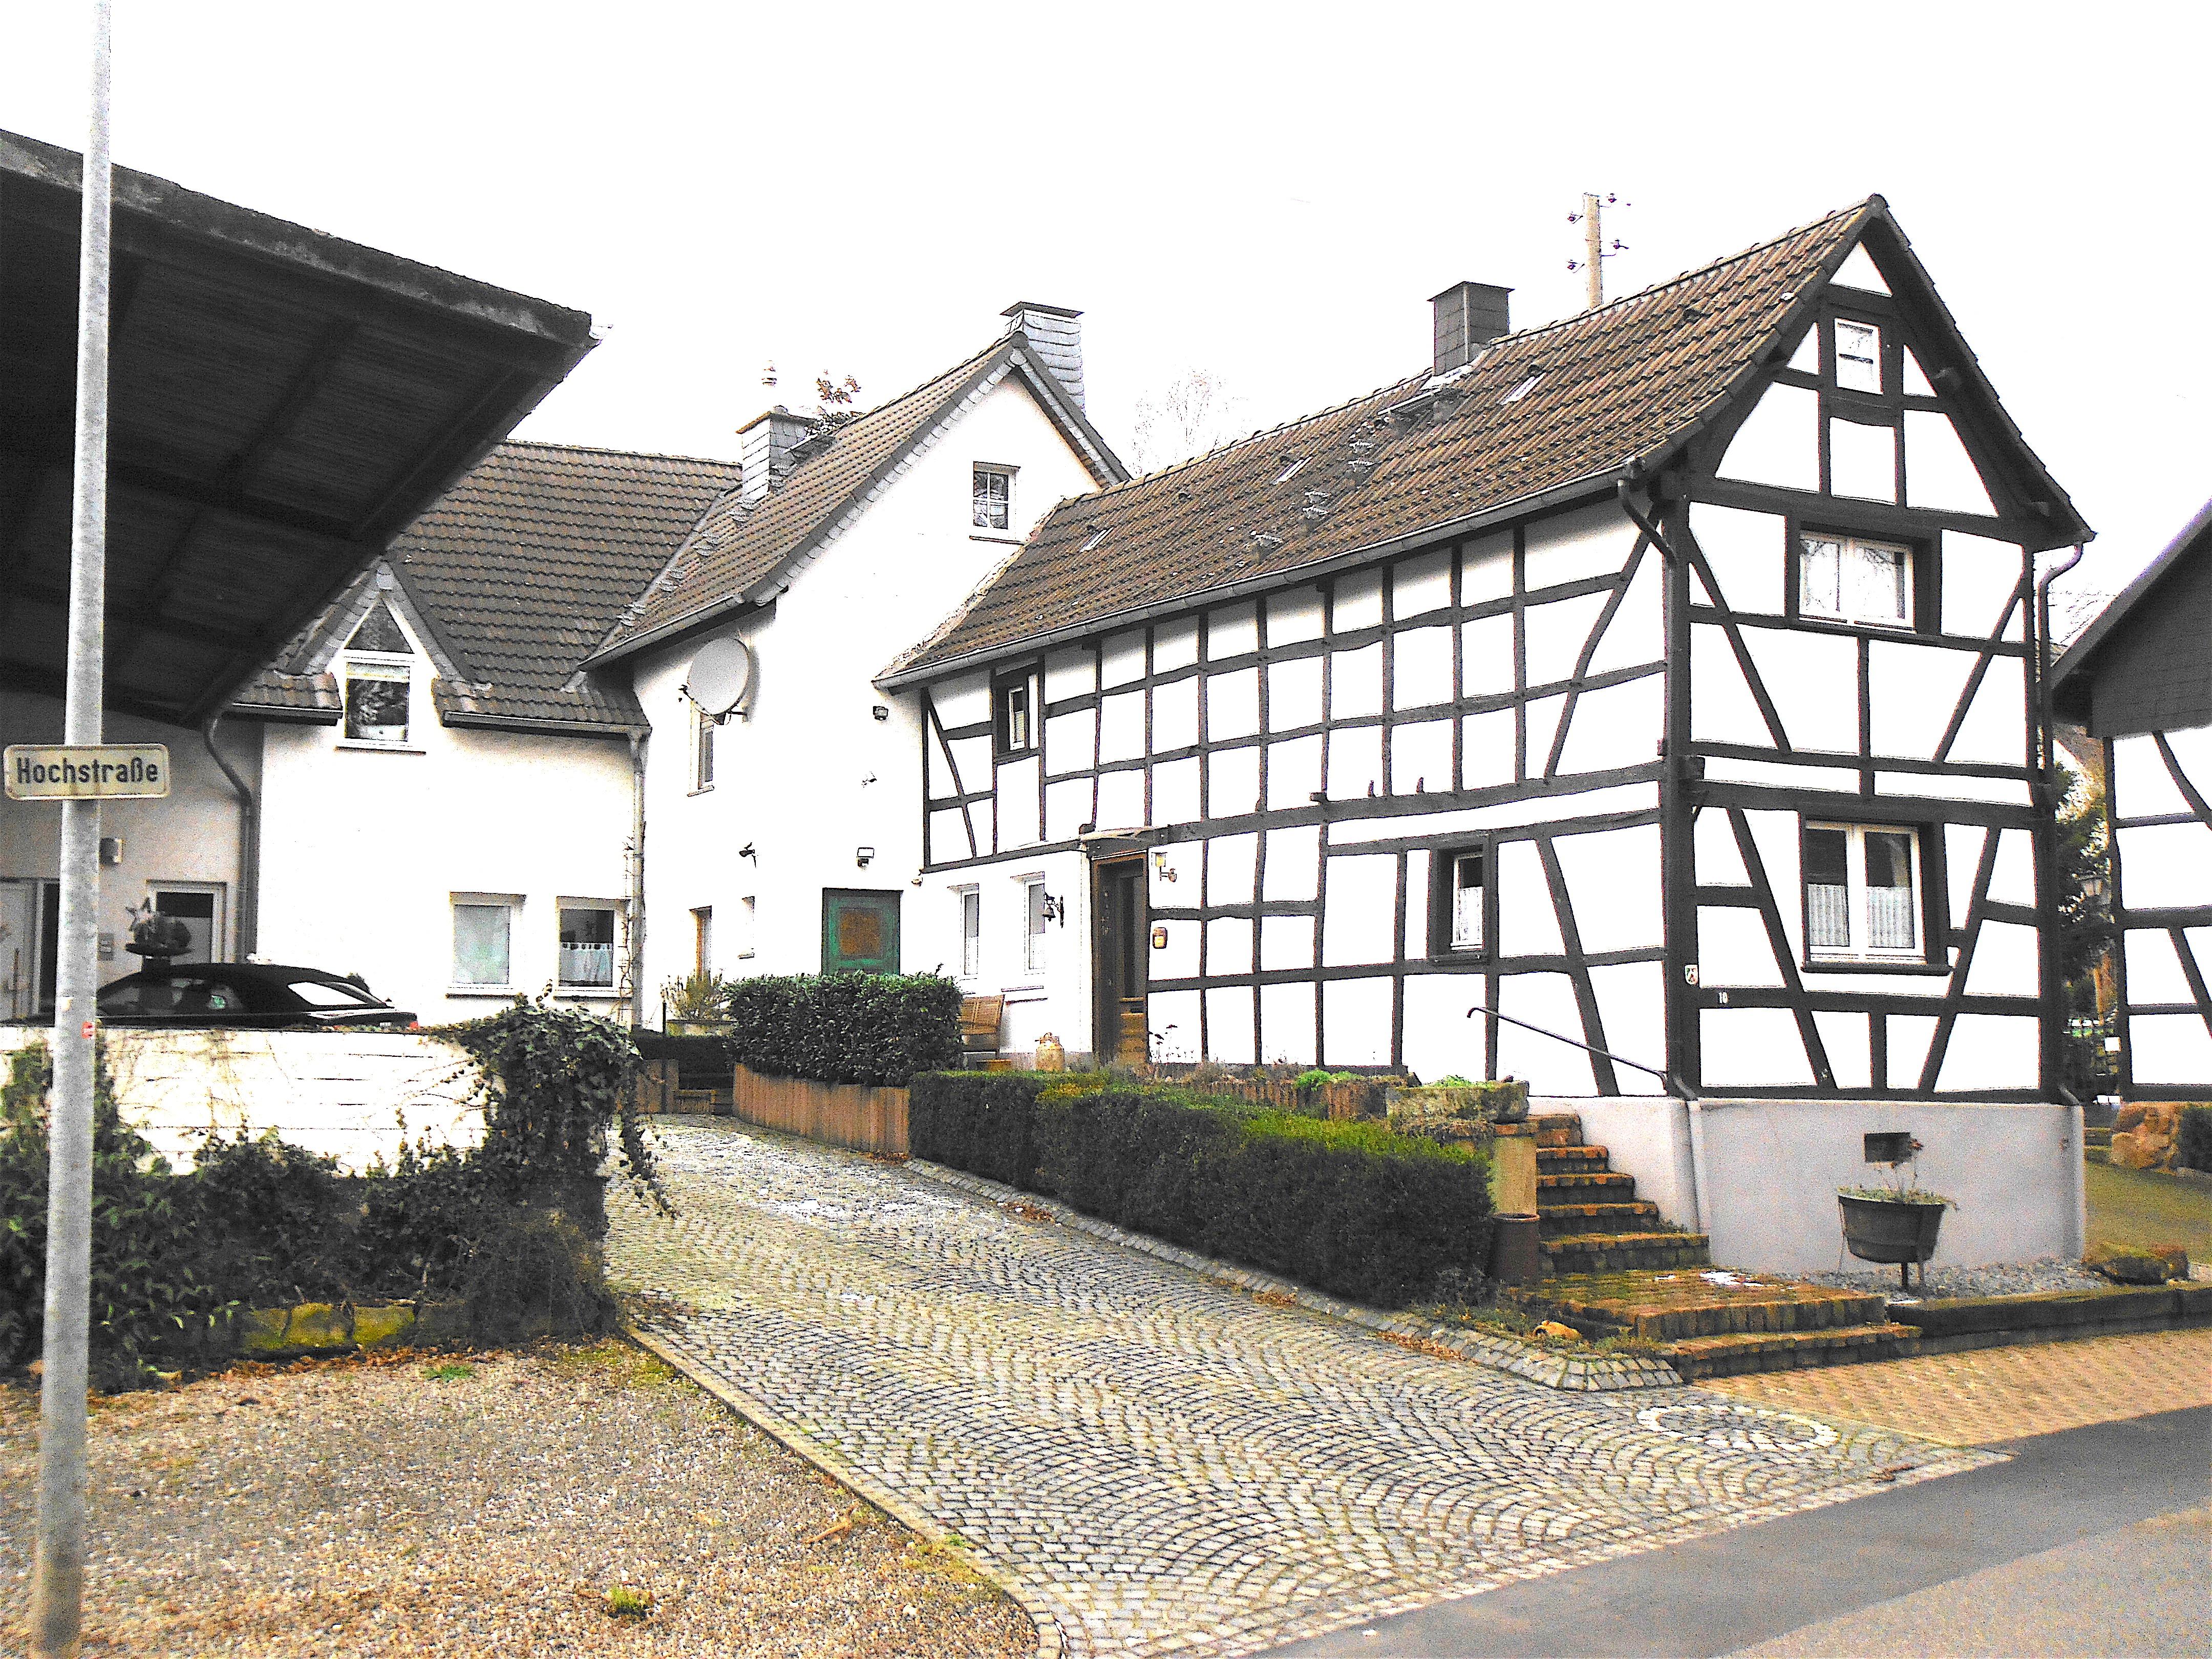 53894 Mechernich-Lückerath, Hofanlage, Denkmalschutz